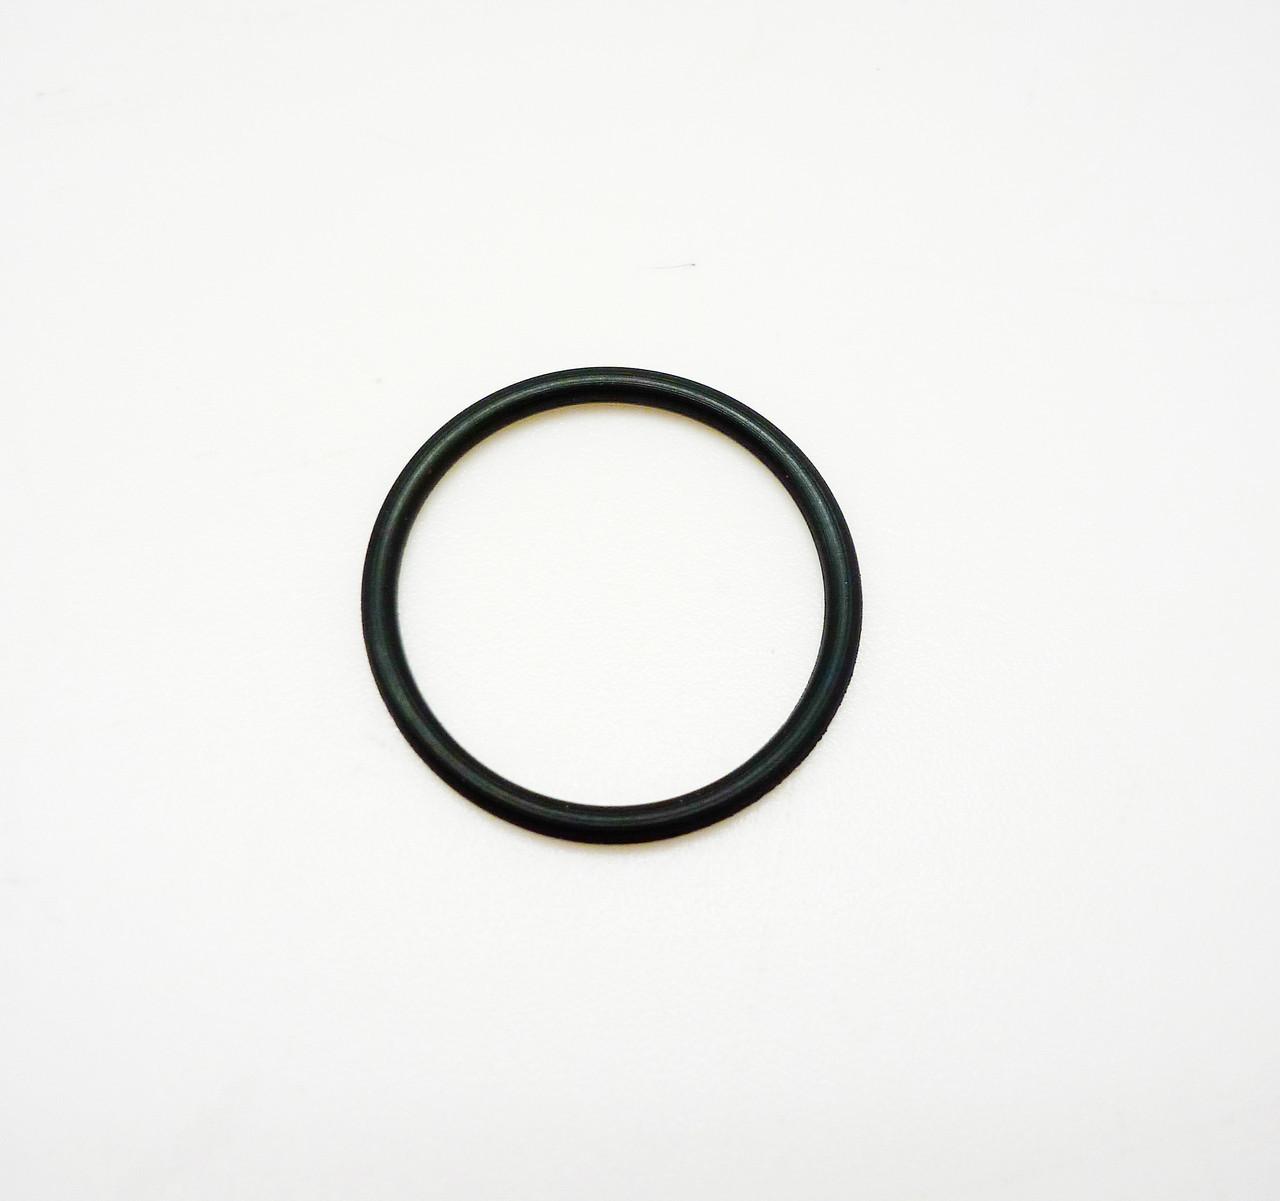 Кольцо уплотнительное пробки регулировки плунжера Cummins ISL9, QSL 3930911